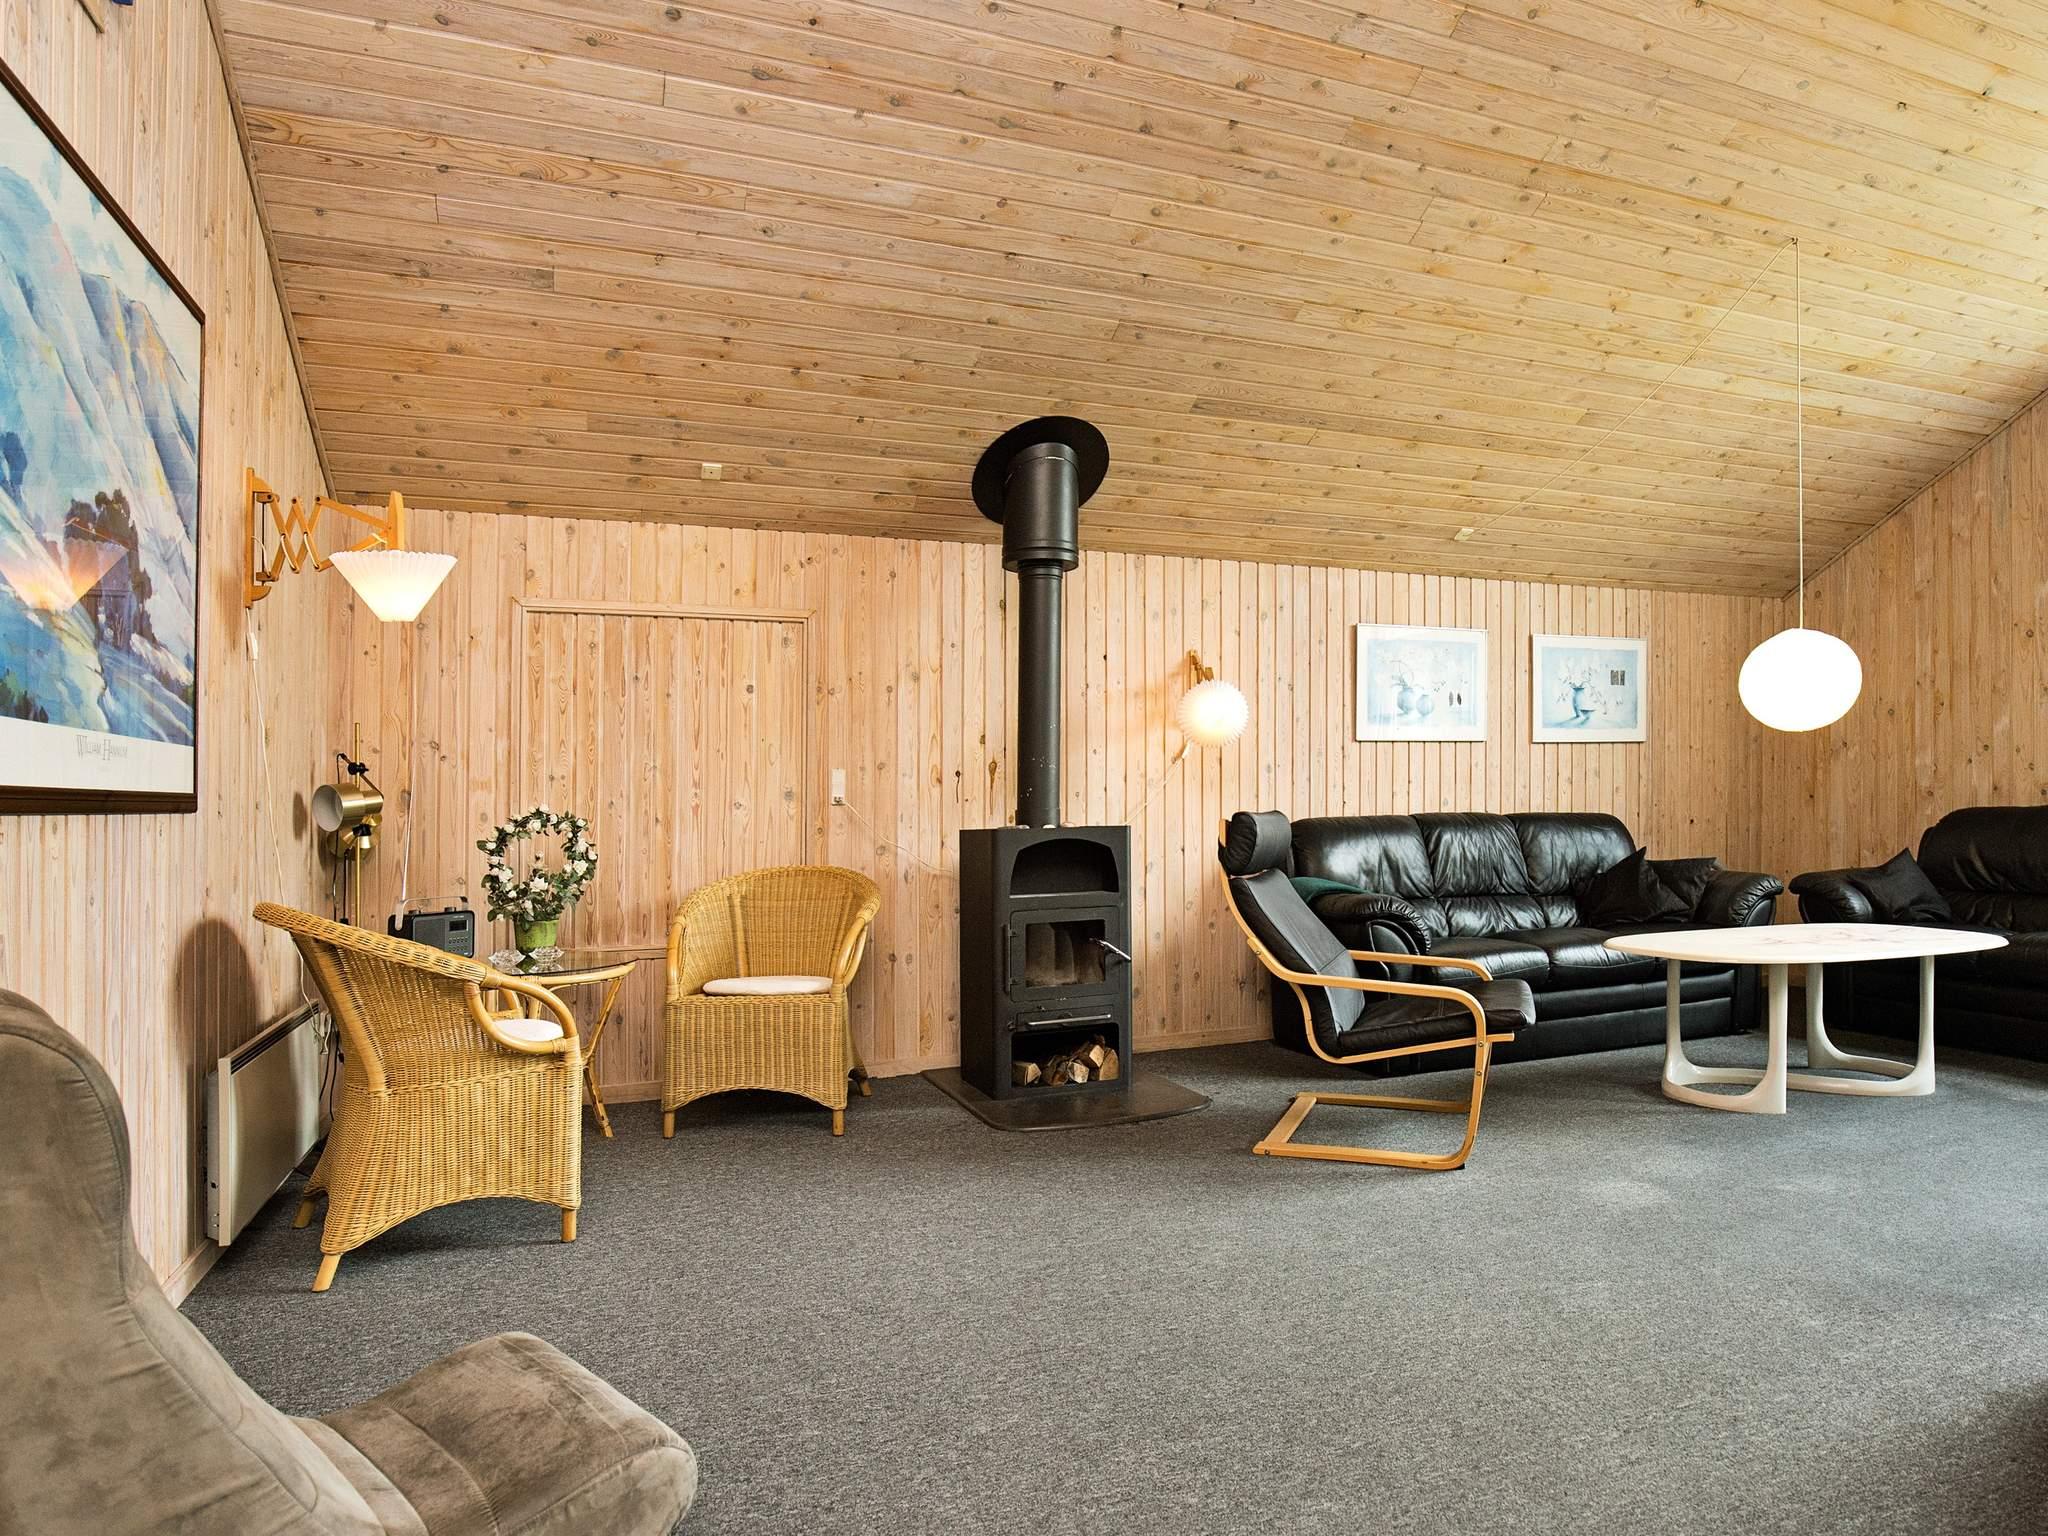 Ferienhaus Hummingen (84295), Hummingen, , Lolland, Dänemark, Bild 12